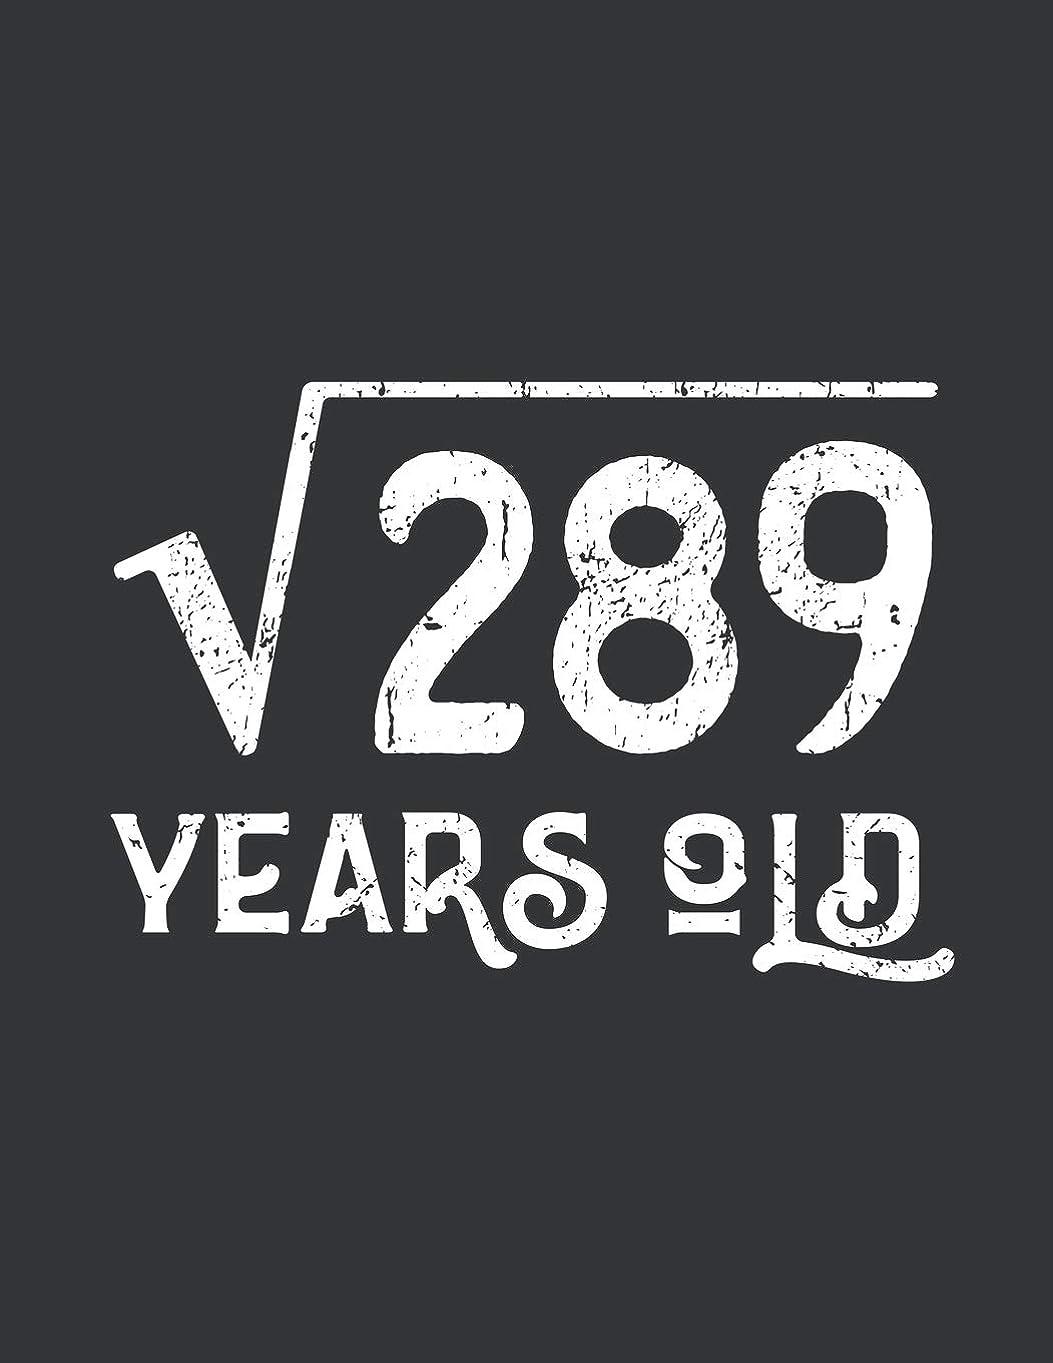 ナラーバー広々ロバNotebook: Square Root of 289: 17 Years Old 17th Birthday Journal & Doodle Diary; 120 Dot Grid Pages for Writing and Drawing - 8.5x11 in.